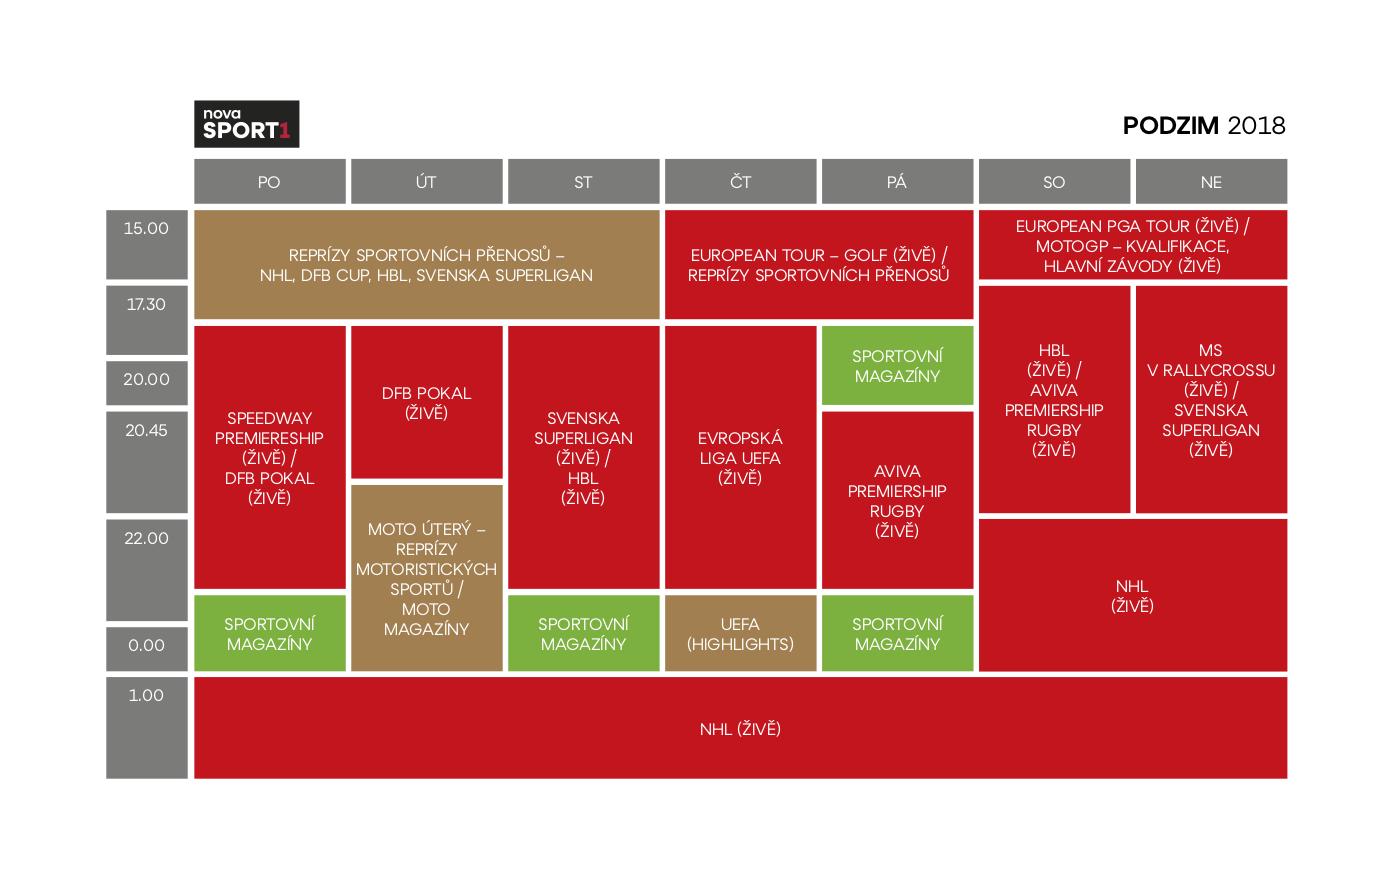 Programové schéma kanálu Nova Sport 1, podzim 2018